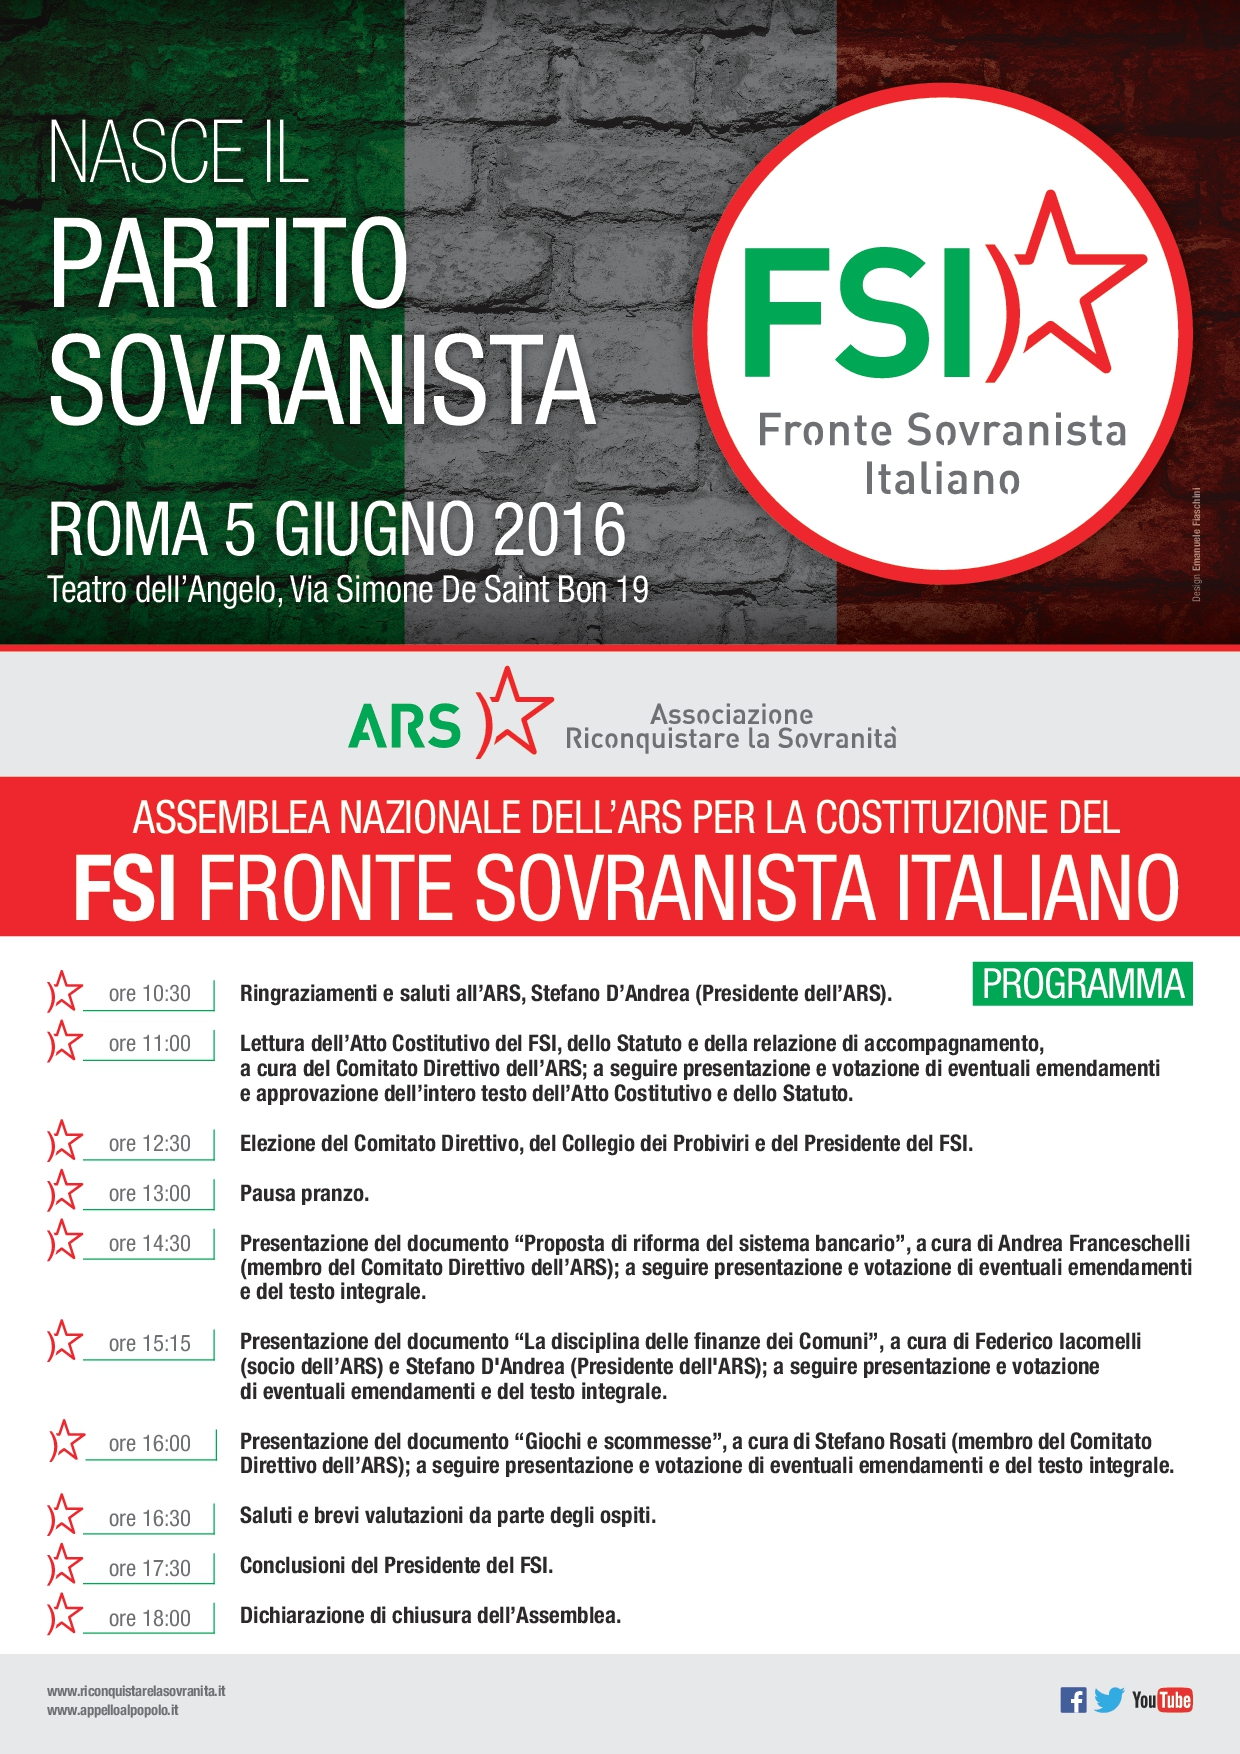 ARS FSI Assemblea Nazionale 5 Giugno Programma